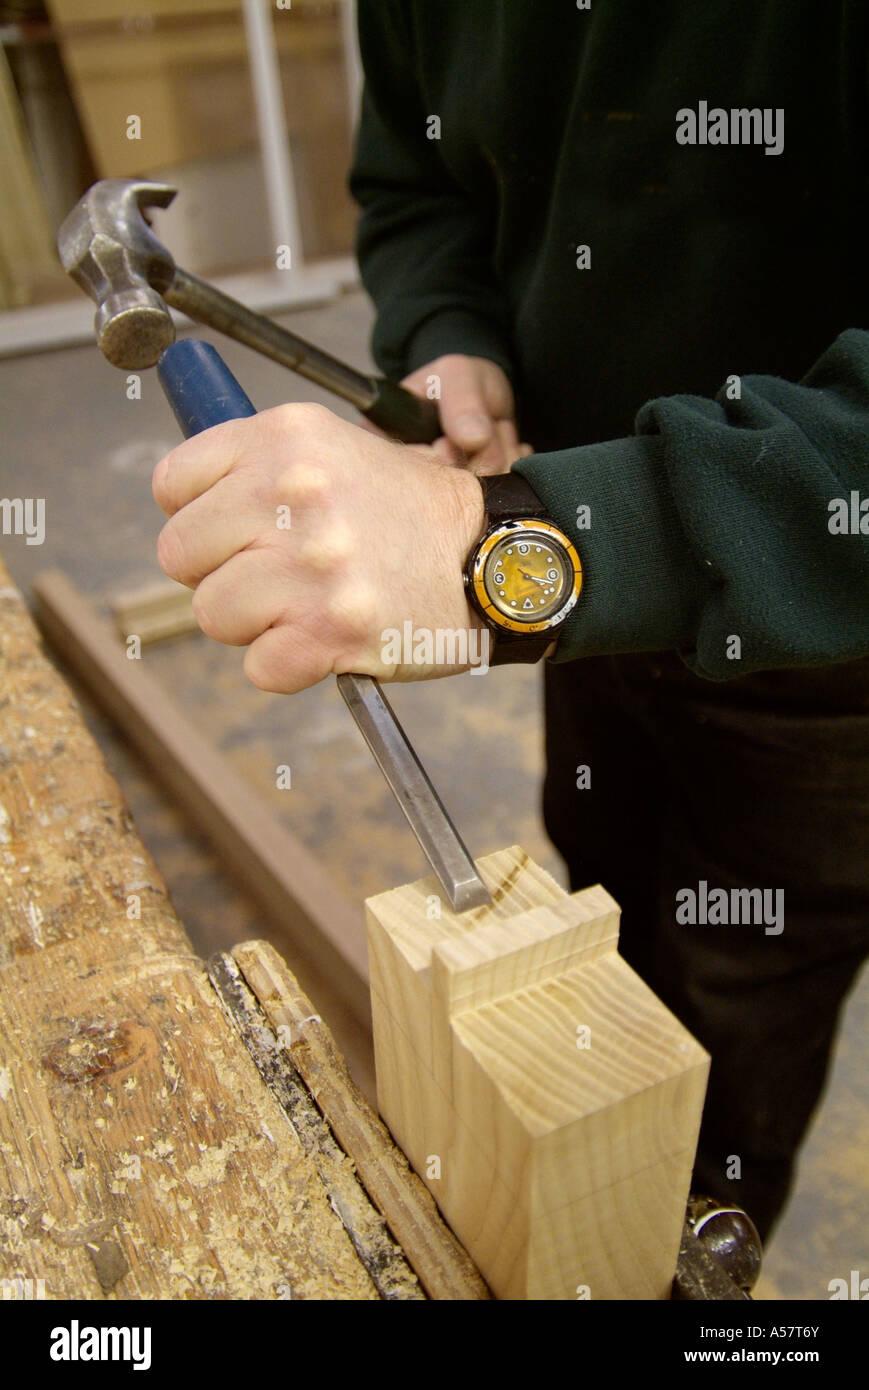 Trouver Un Artisan Menuisier burin marteau artisan menuisier atelier bois sciure étau